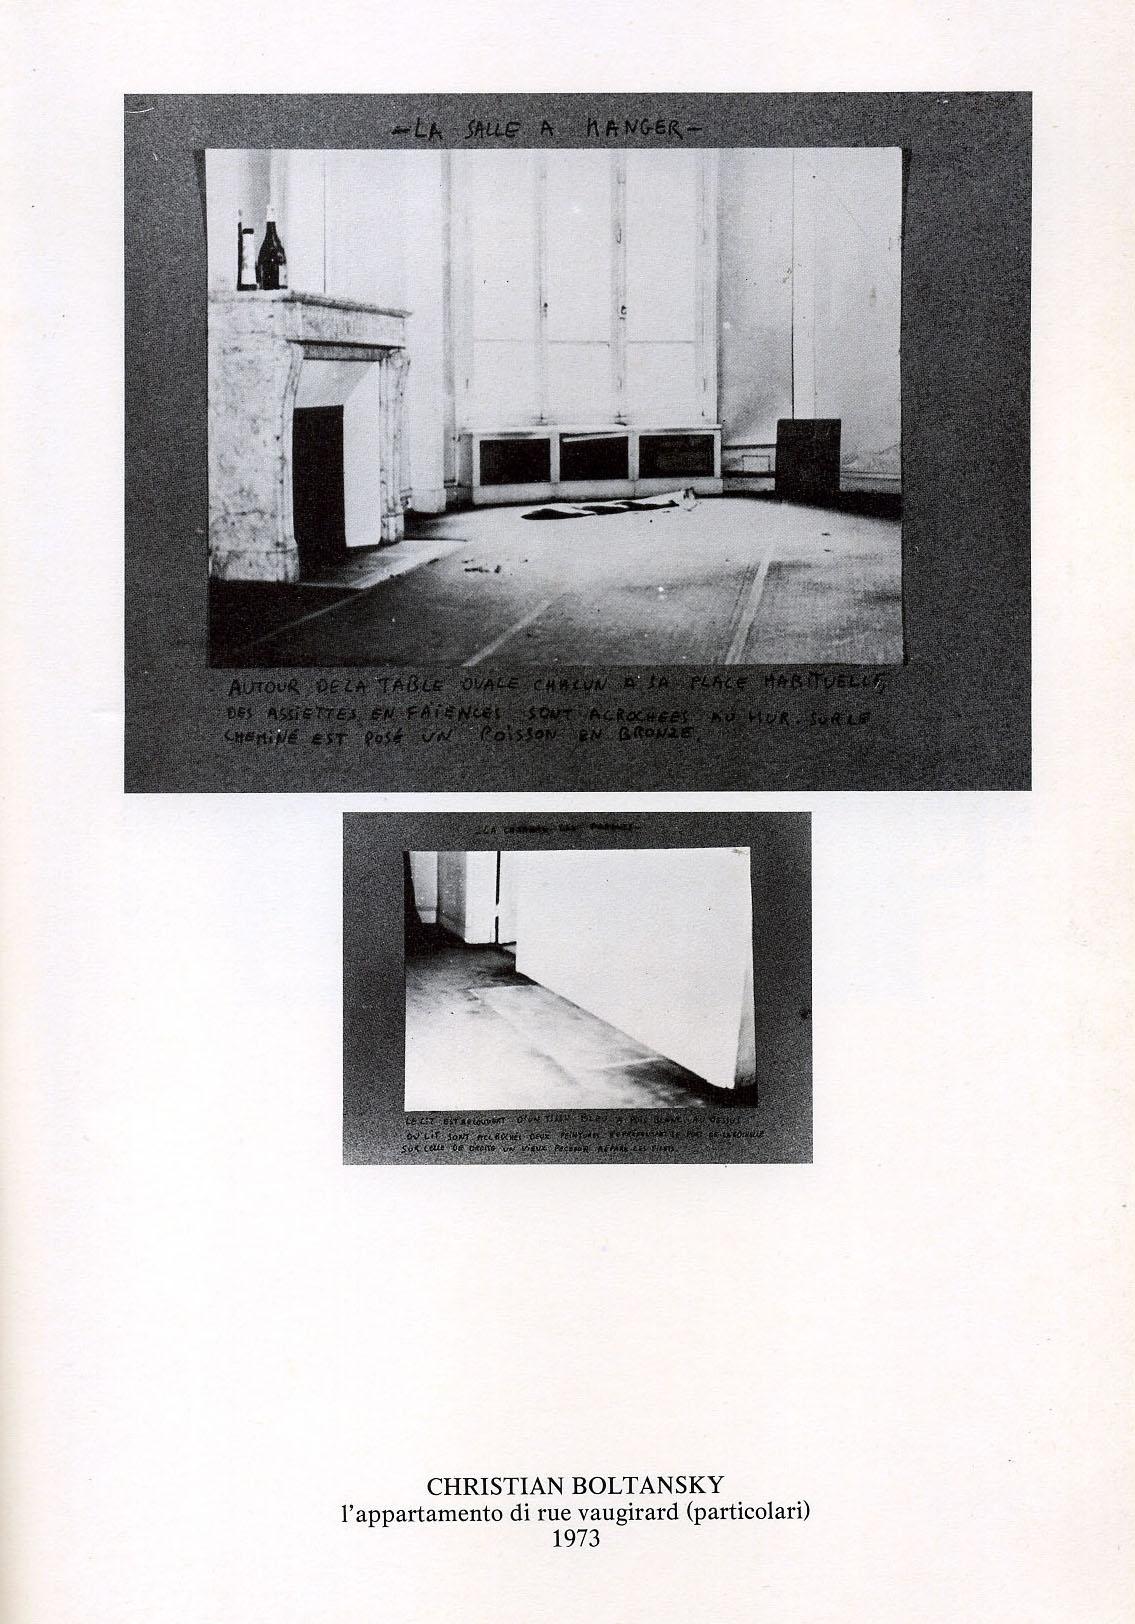 Le figure del tempo Boltansky - Galleria de foscherari .jpg